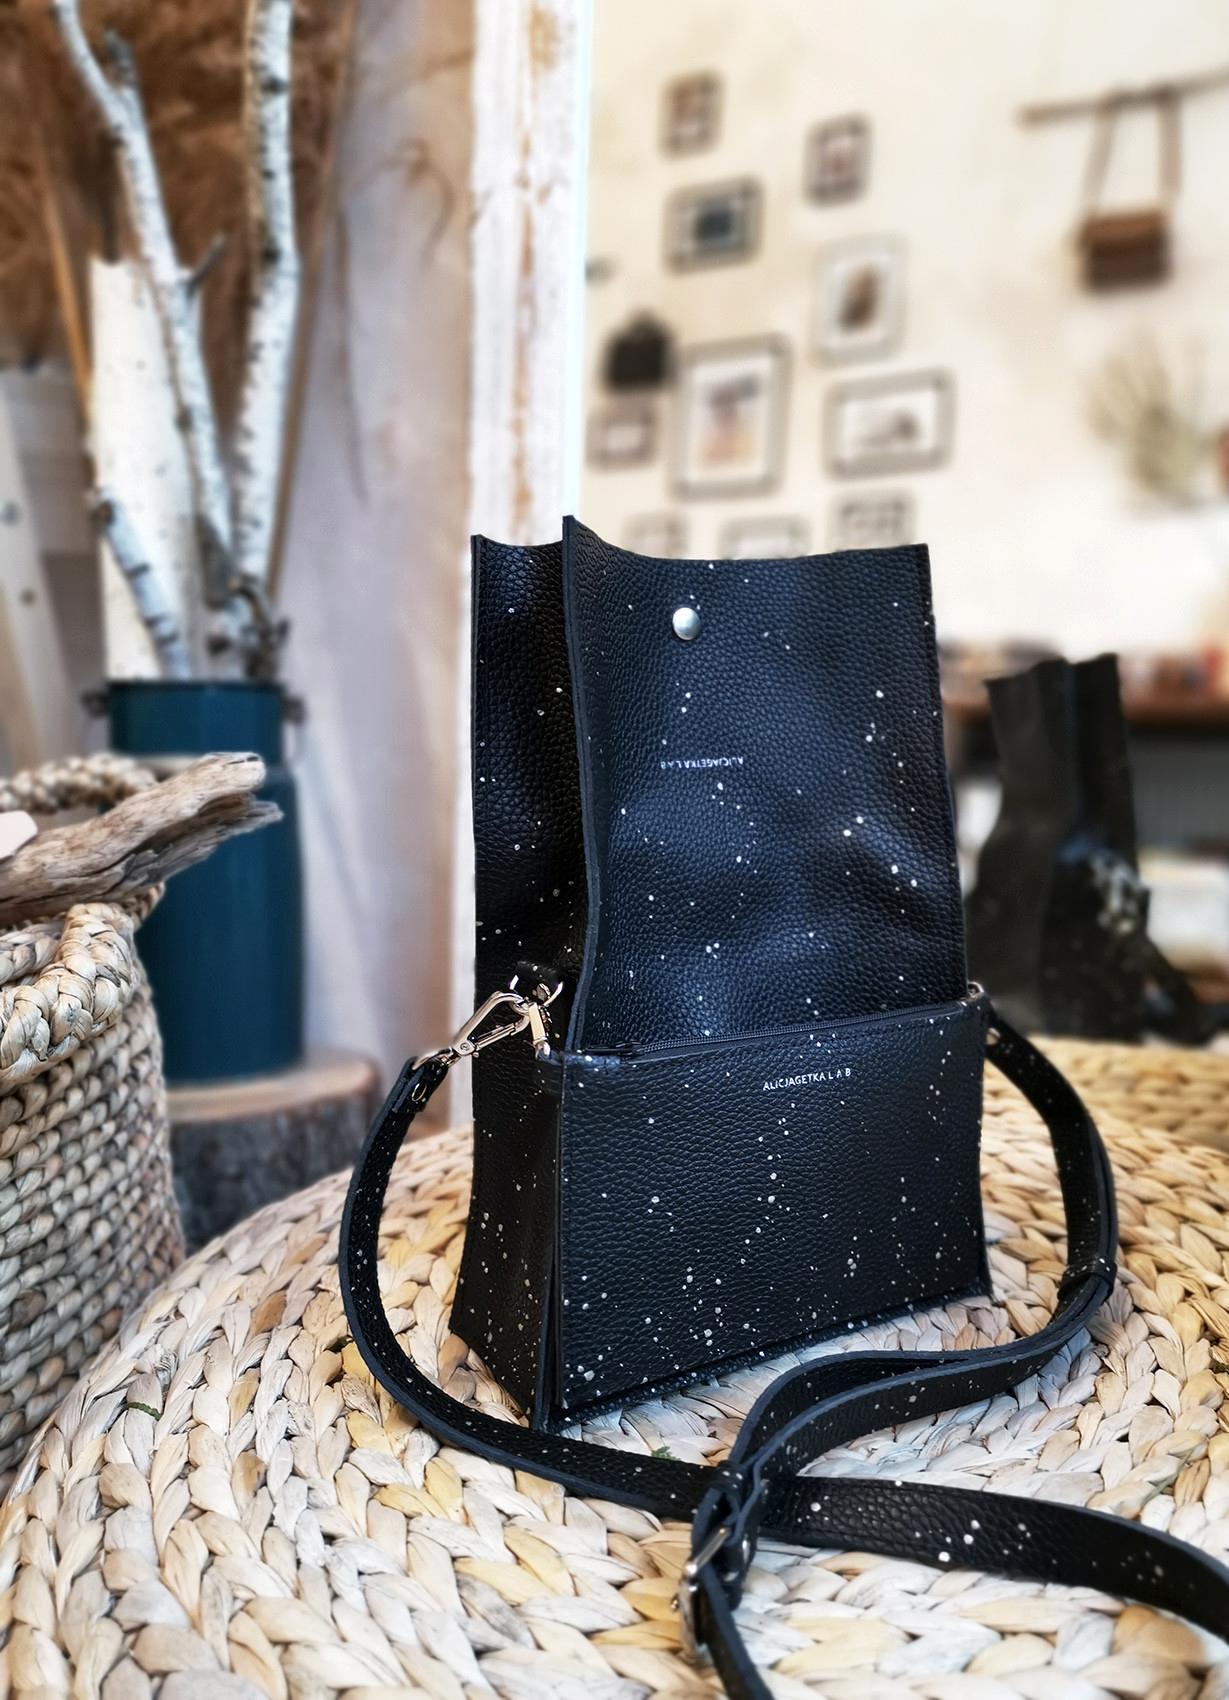 Torebka Boxy Bag S Night Sky dwuczęściowa torebka w specjalnej ręcznie malowanej limitowanej odsłonie Nasza wersja pojemnego pudełka którego kształt i wielkość zależy od zawartości noszonej w środku Modele z naszej wyjątkowej autorskiej linii Night Sky są ręcznie malowane metalizowaną wytrzymałą farbą do skóry w celu osiągnięcia efektu rozgwieżdżonego nieba setki różnego rozmiaru kropeczek tworzą na powierzchni niepowtarzalne konstelacje gwiazd każda sztuka jest unikatowa Warto zaznaczyć że każda kropeczka nanoszona jest osobno cieniutkim pędzelkiem nie jest chlapana Malowanie wraz z upływem czasu może delikatnie się wycierać w miejscach najbardziej narażonych na tarcie Skórzana torba z długą klapą zapinaną na napę klapa zgina się albo w połowie na wysokości zawartości włożonej do środka lub też utrzymuje się w pozycji pionowej kiedy torba jest bardziej wypełniona Skórzana zamykana kieszonka wewnątrz torby pełniąca funkcję organizera Zewnętrzna saszetka zapinana na suwak którą można pr